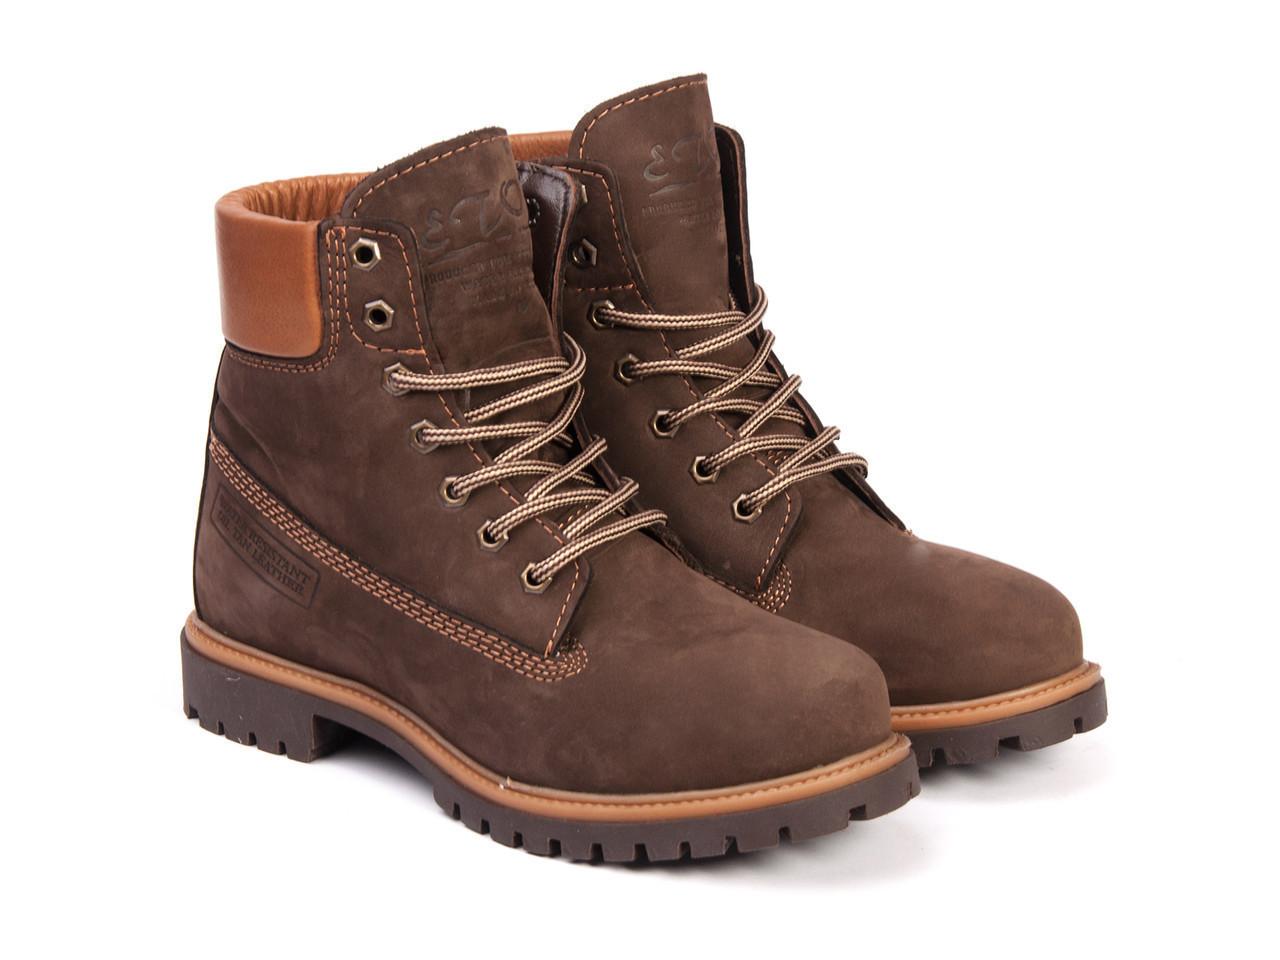 Ботинки Etor 9916-2298-02 44 коричневые